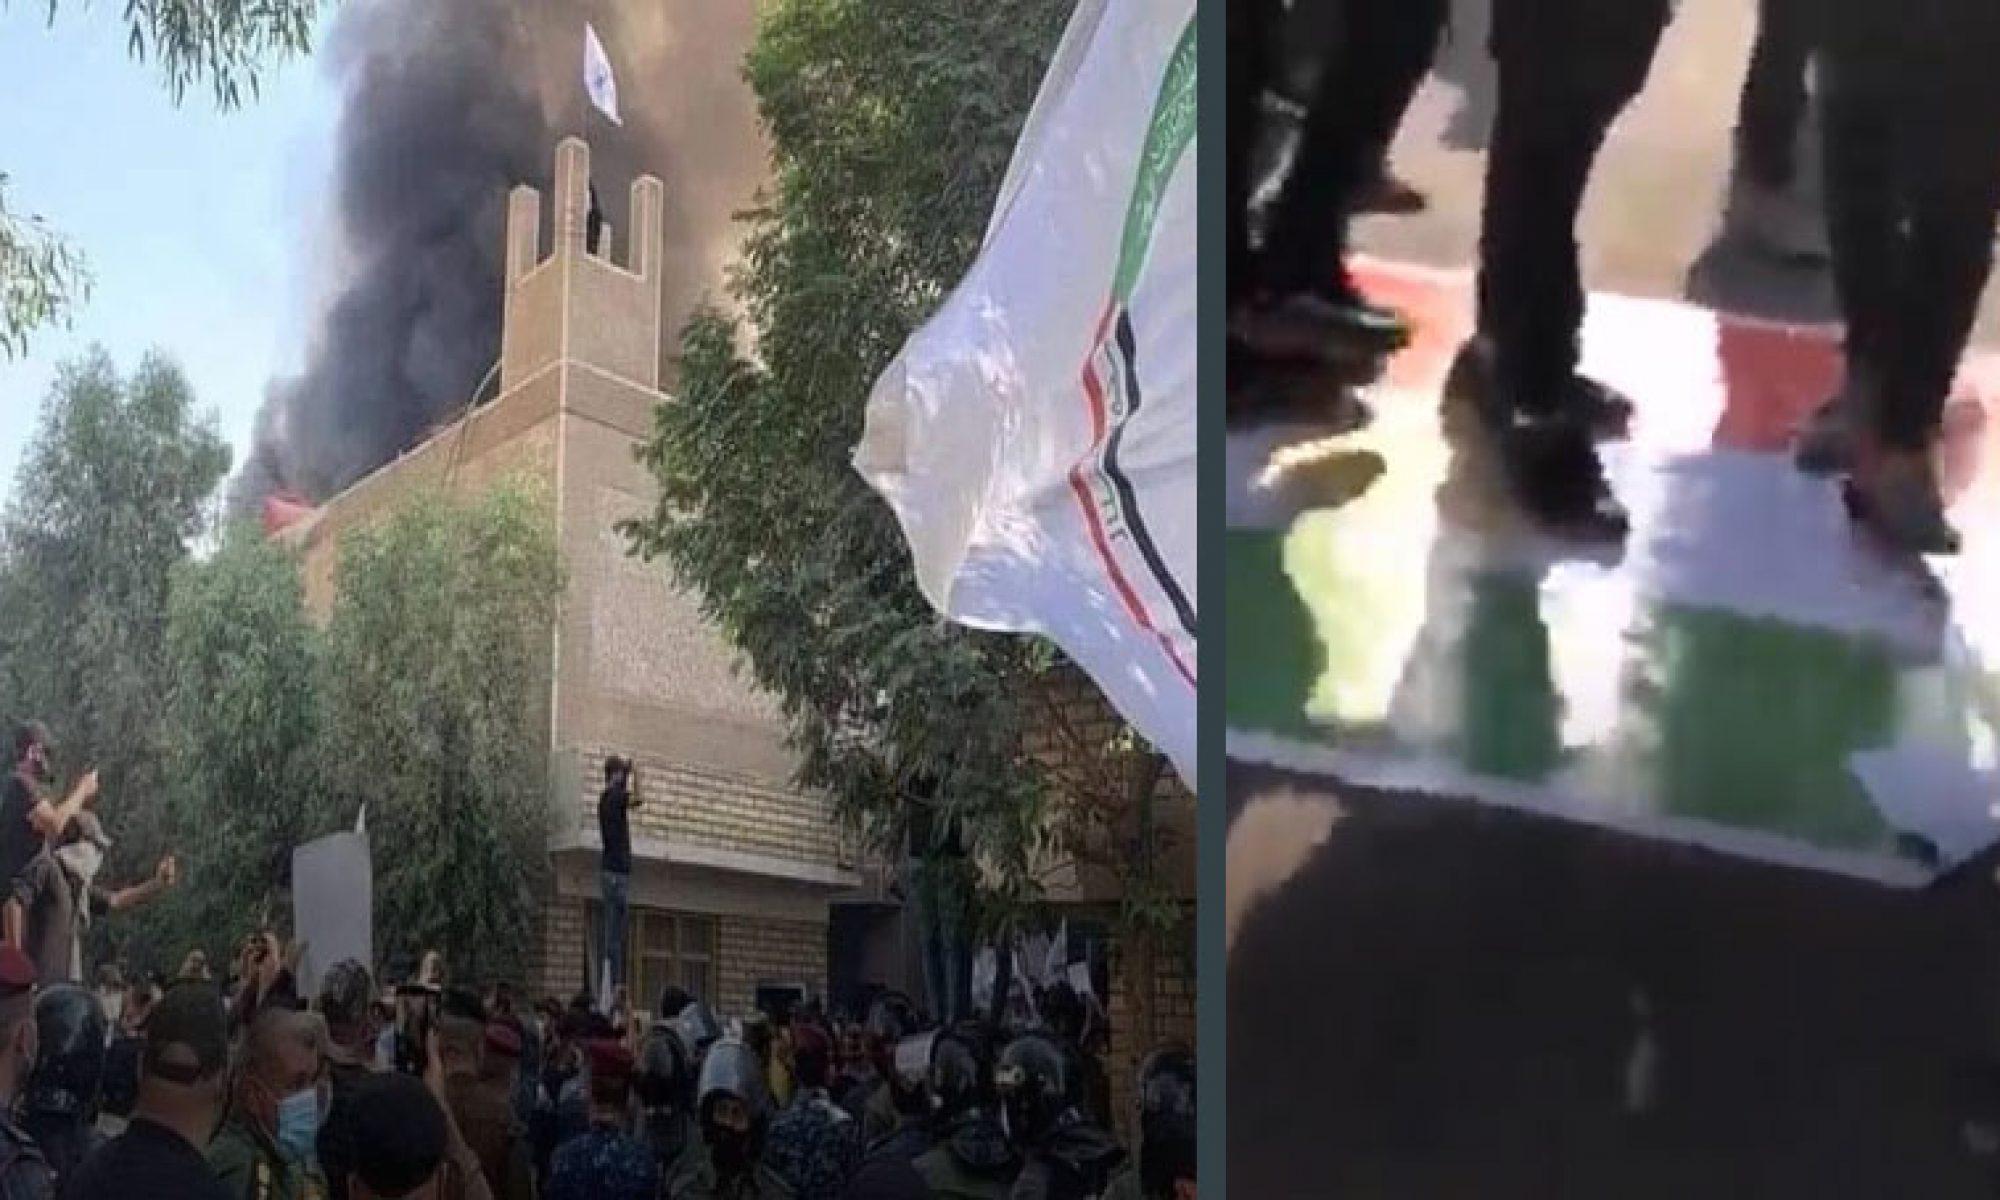 حرق علم كردستان - مقر الحزب الديمقراطي الكردستاني (1)